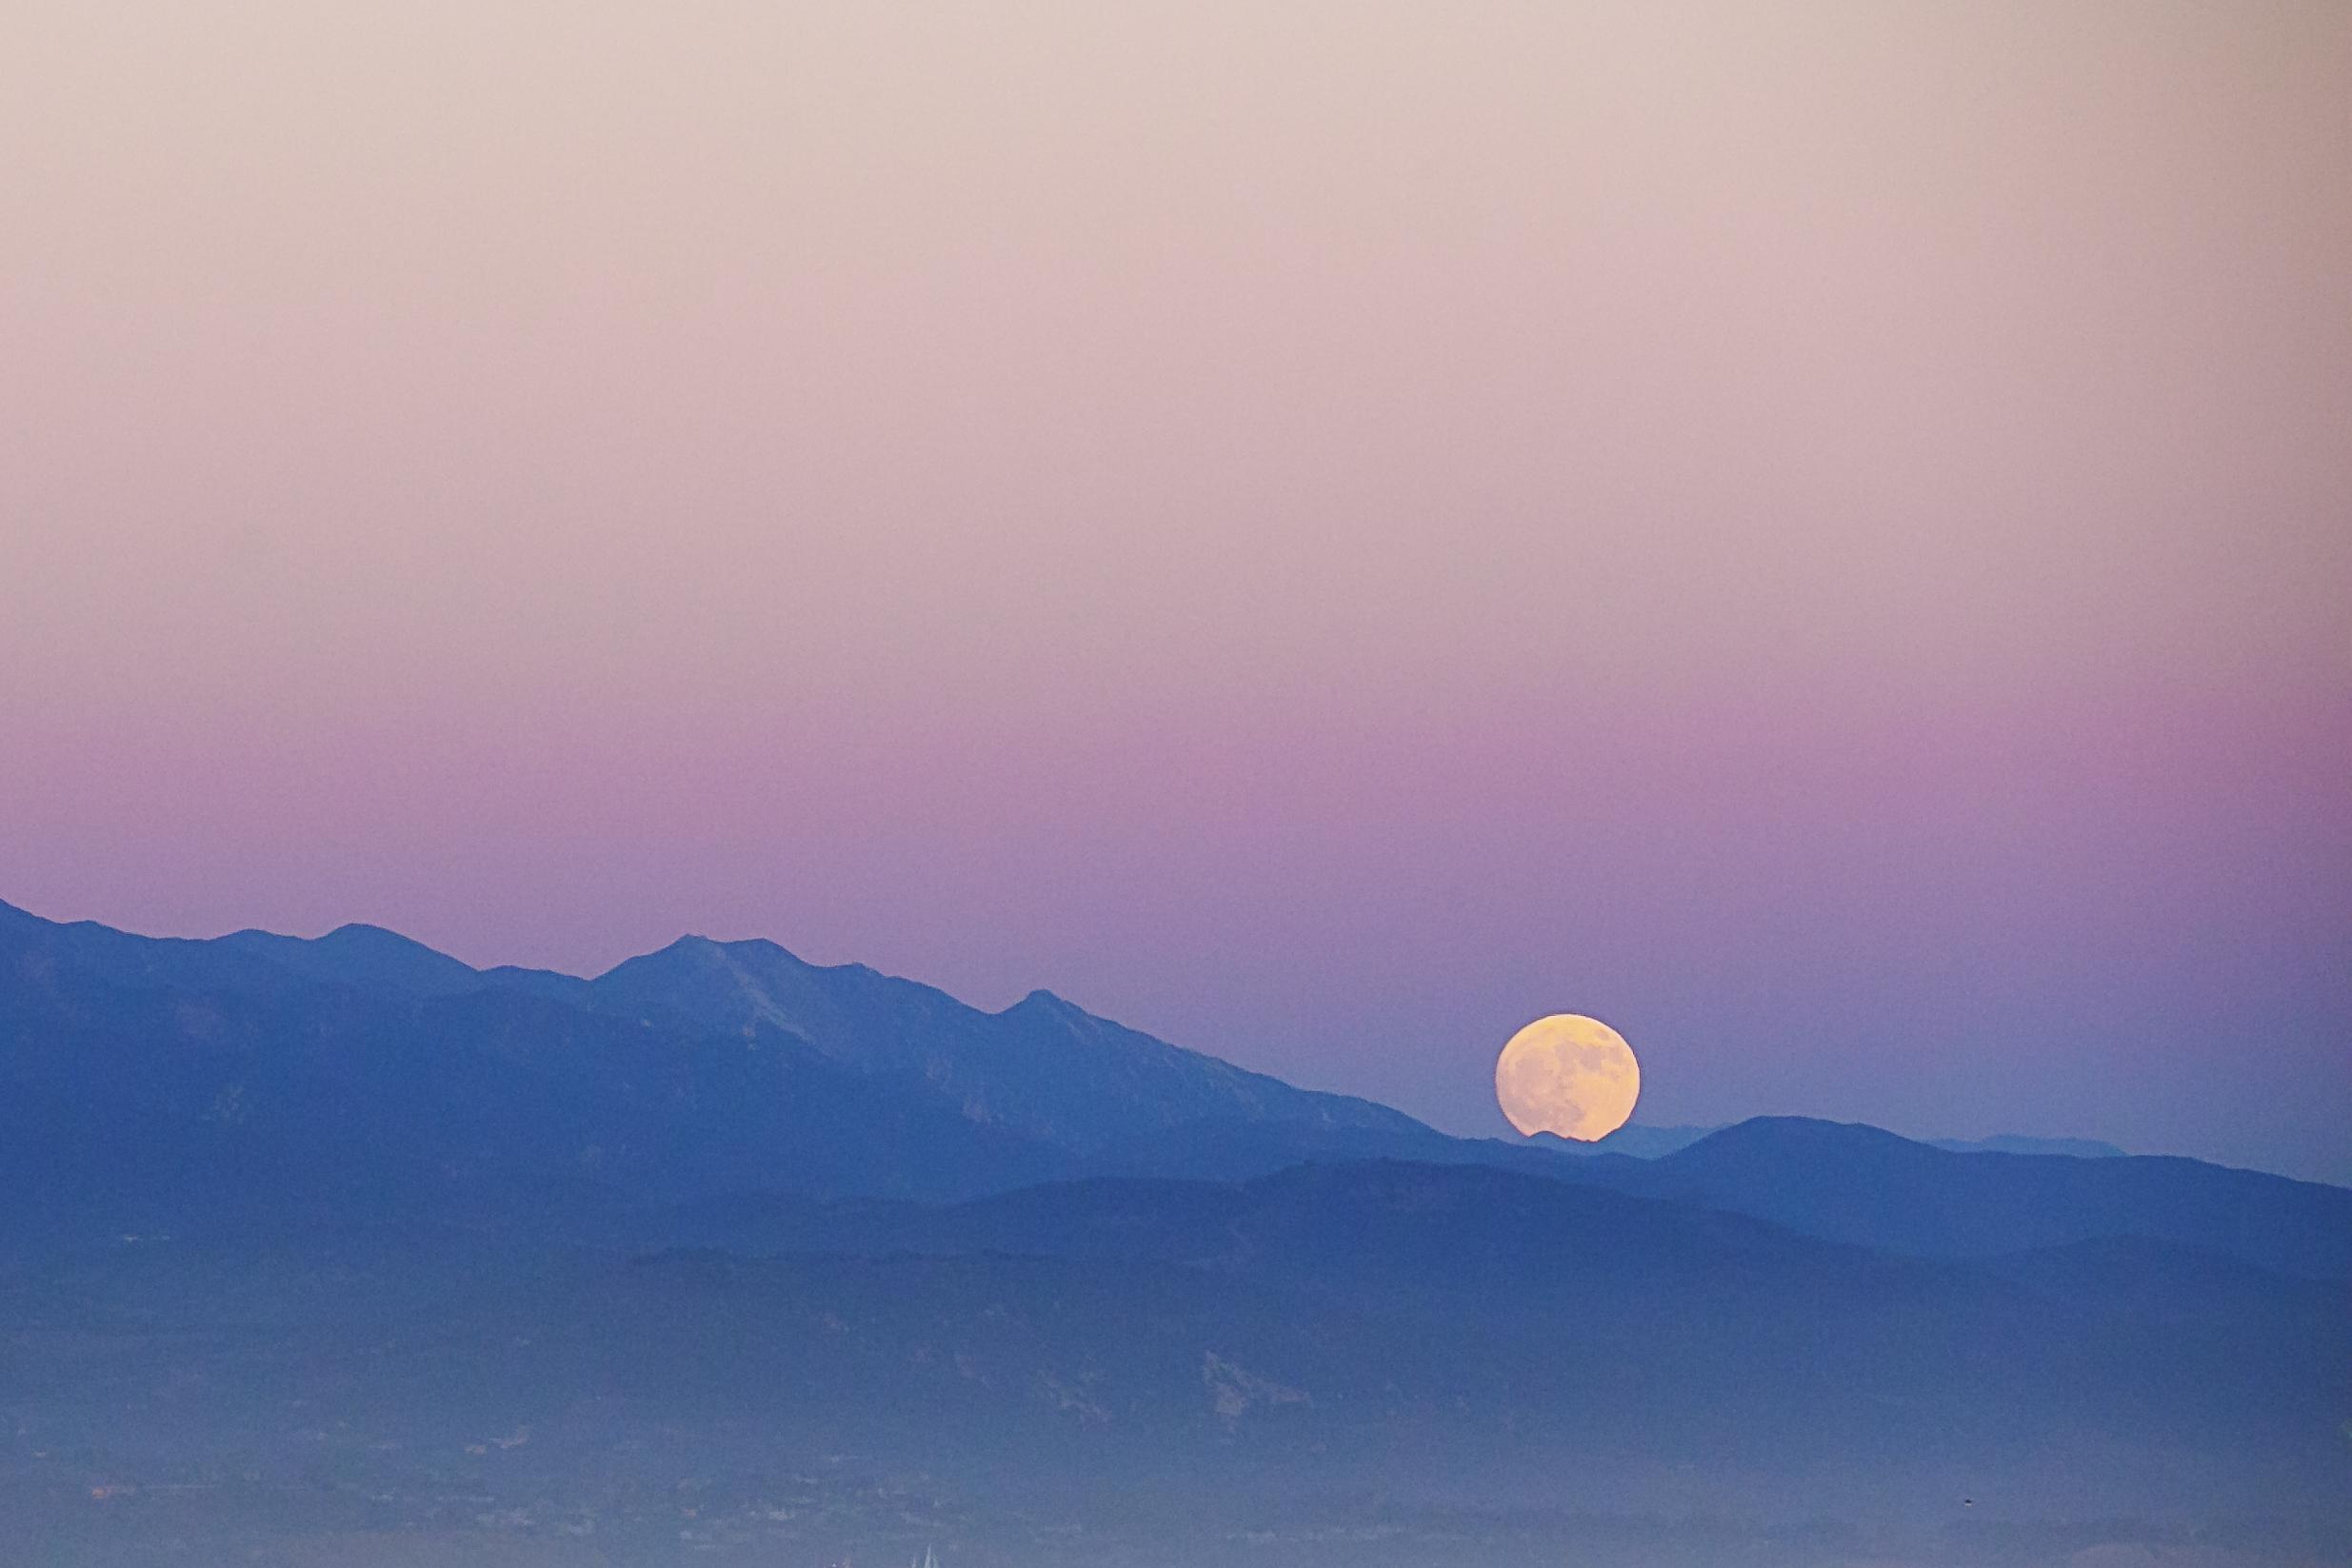 andrea_moonrise_retouch_high_rez2.JPG